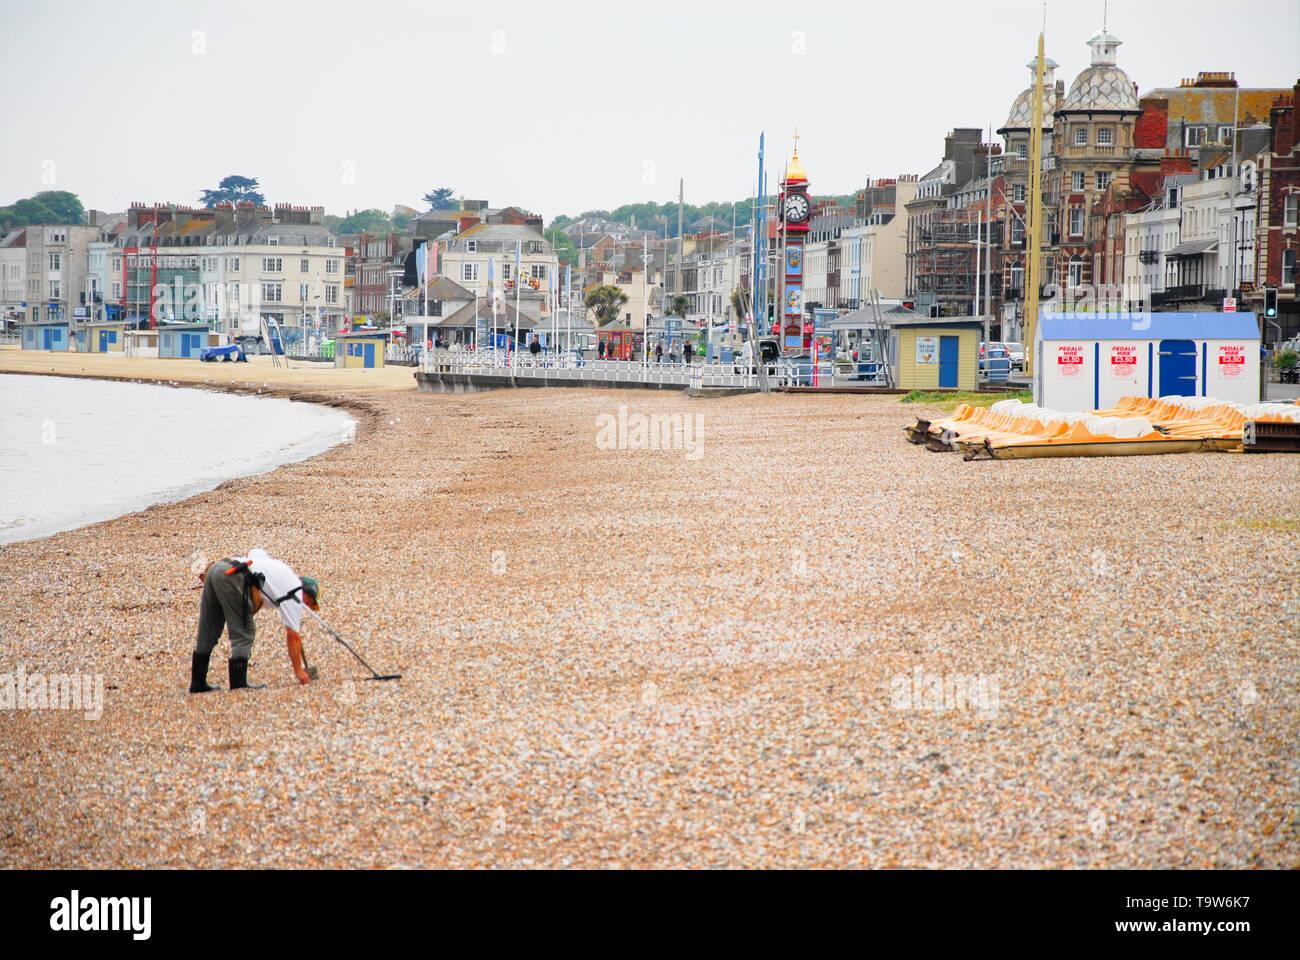 Weymouth. Il 20 maggio 2019. Un uomo che usa il suo rivelatore di metalli per la ricerca per la perdita di modificare su una cortina di nubi Weymouth beach. Credito: stuart fretwell/Alamy Live News Immagini Stock